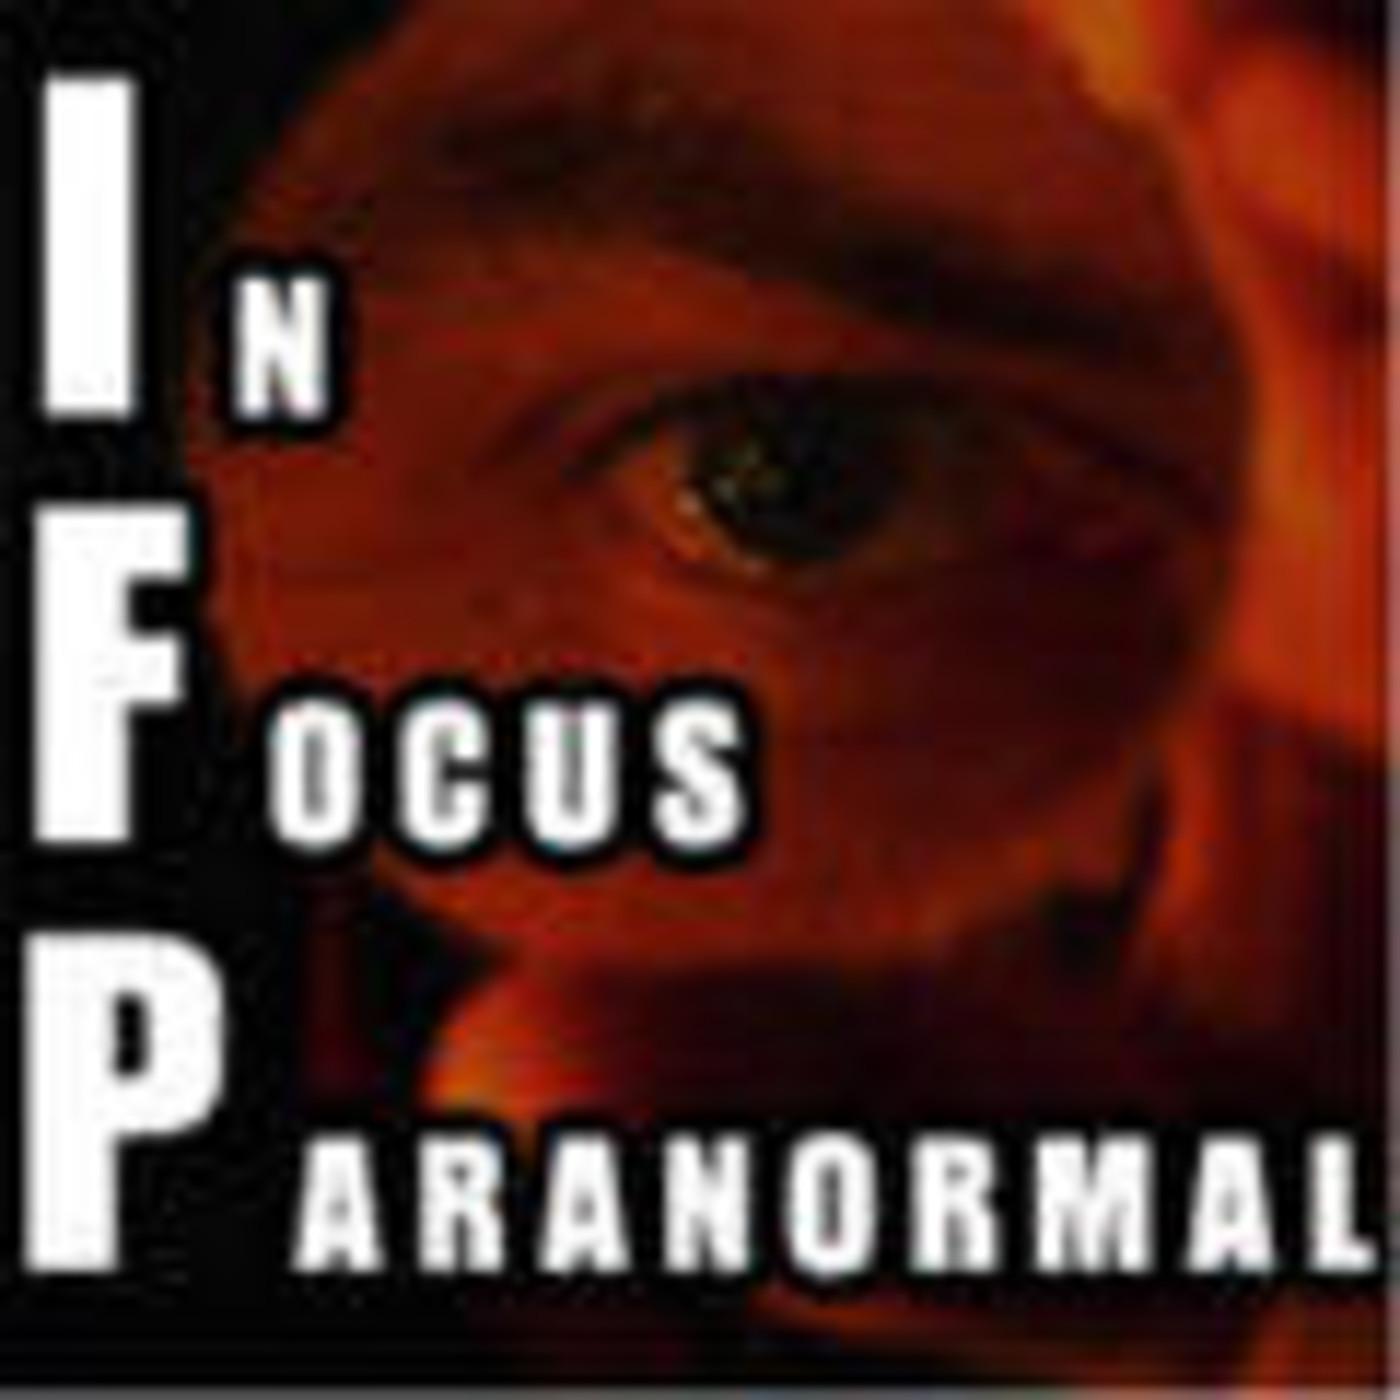 In Focus Paranormal